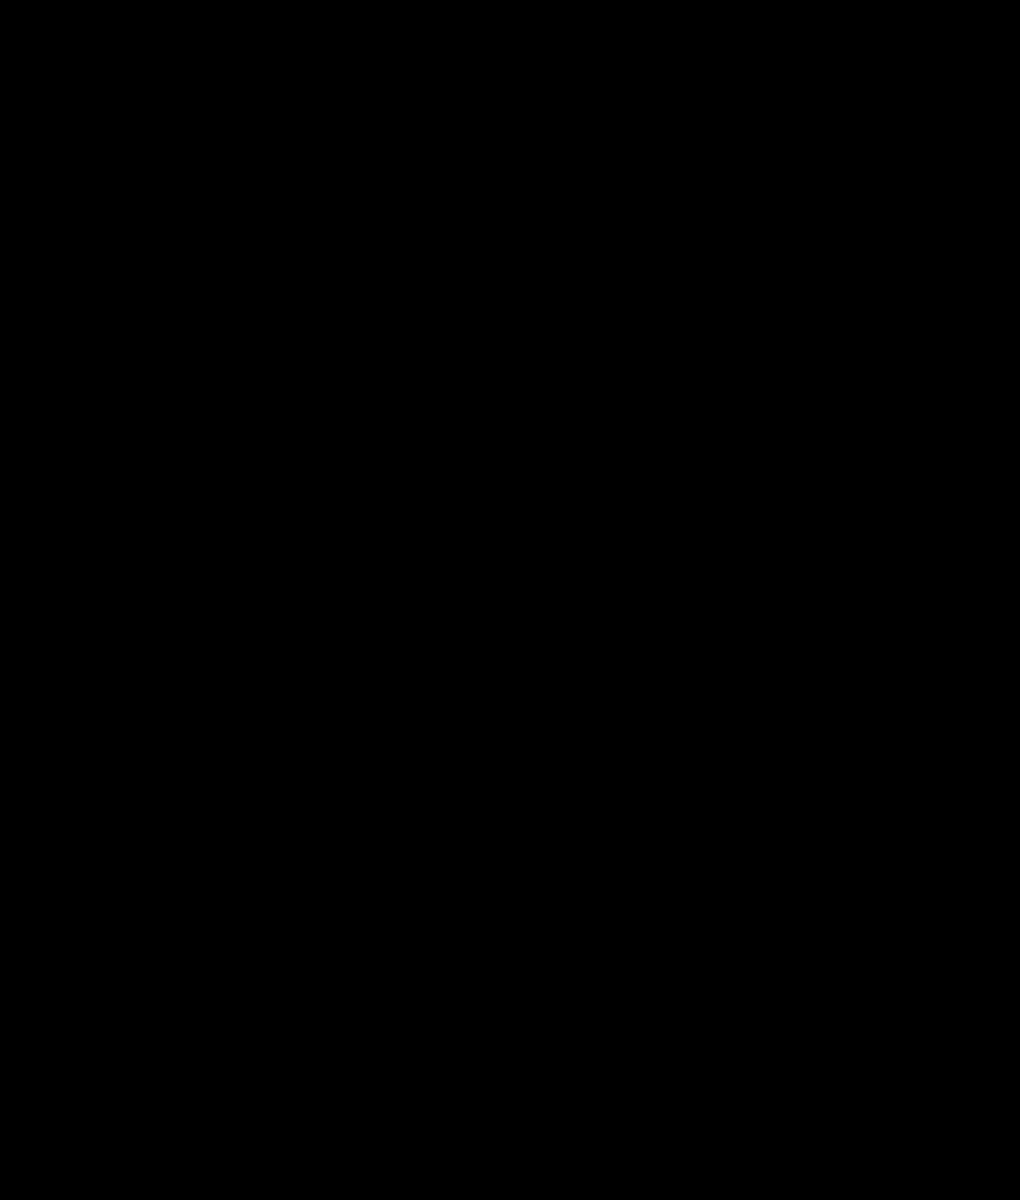 f:id:itotanu:20190830205647p:plain